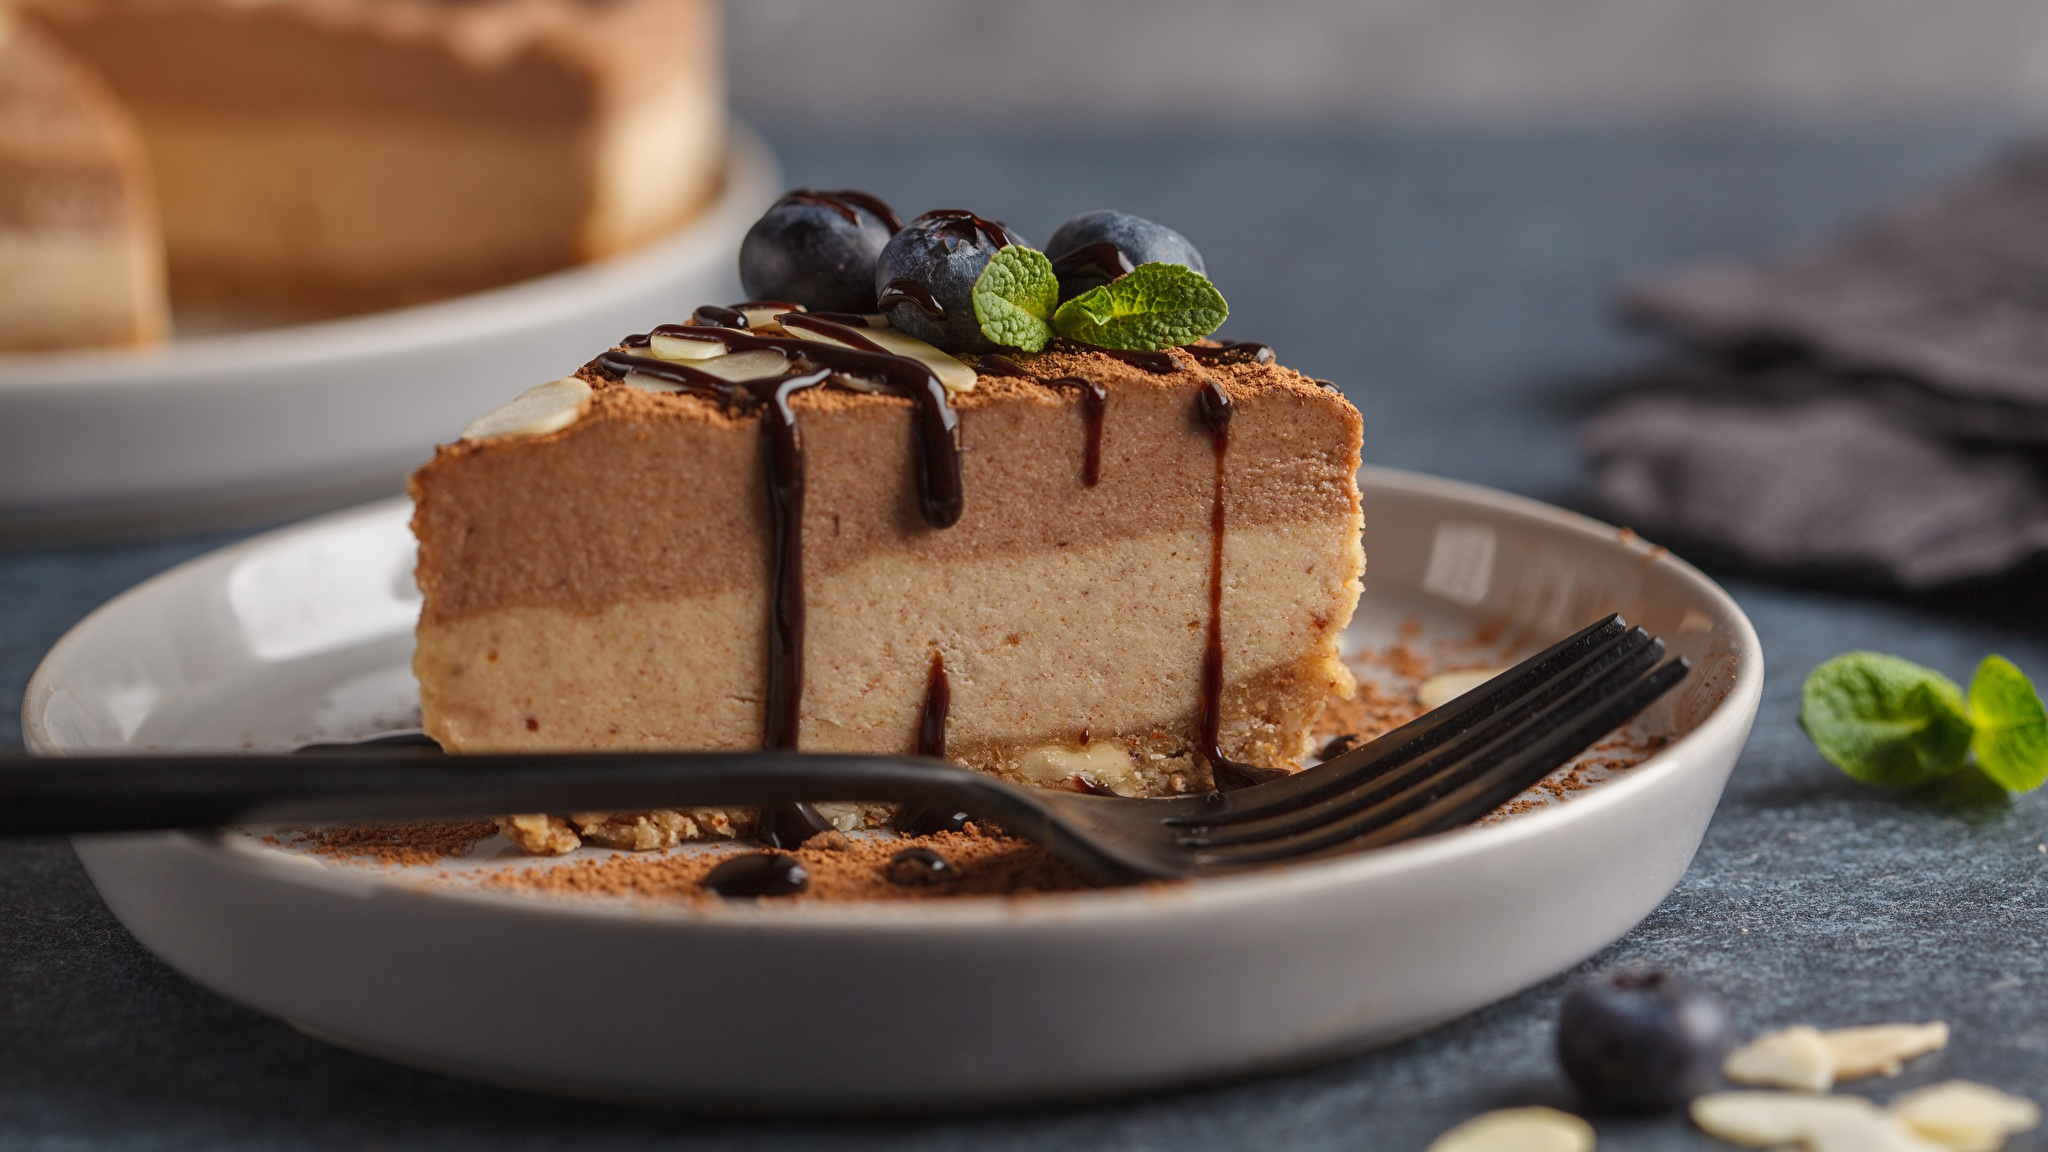 Картинки Шоколад Торты часть Еда Вилка столовая 2048x1152 Кусок Пища Продукты питания